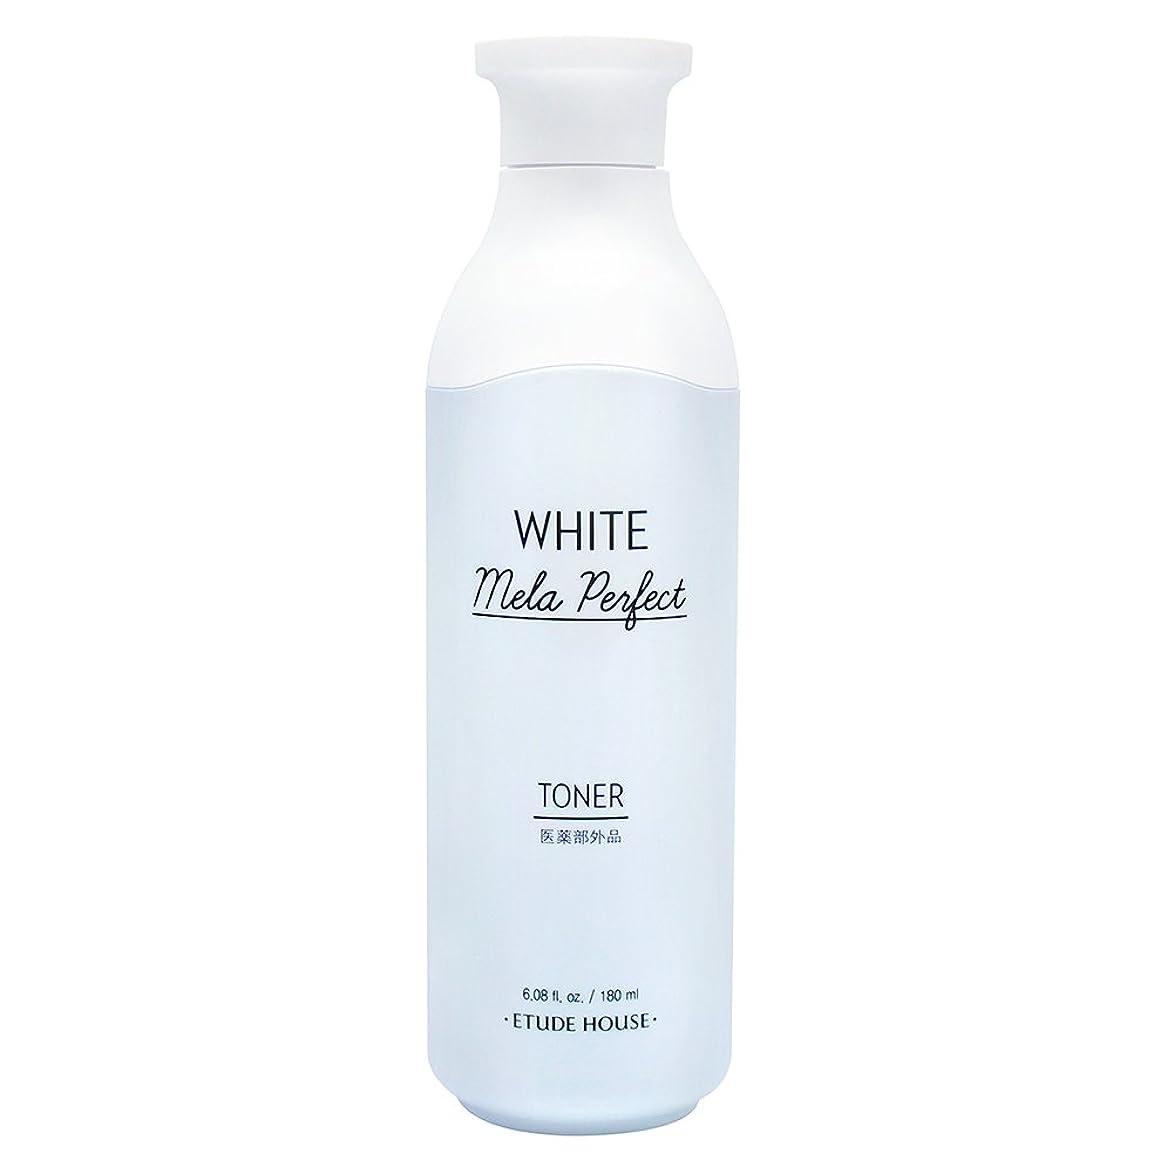 争い牛肉対応するエチュードハウス(ETUDE HOUSE) ホワイトメラパーフェクト トナー[美白化粧水、化粧水]